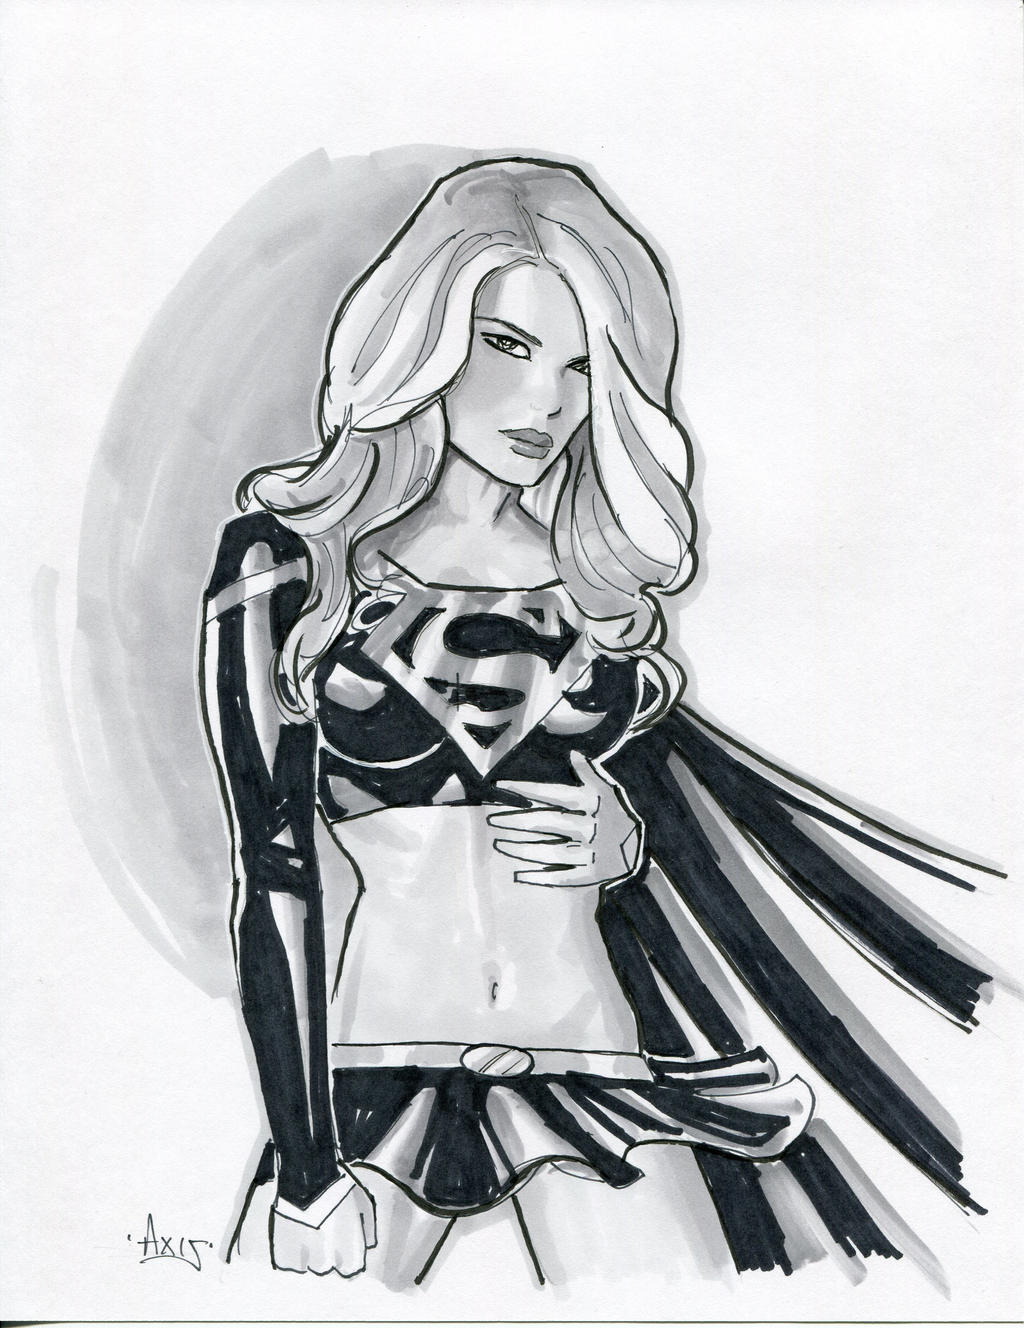 dark supergirl wallpaper - photo #41